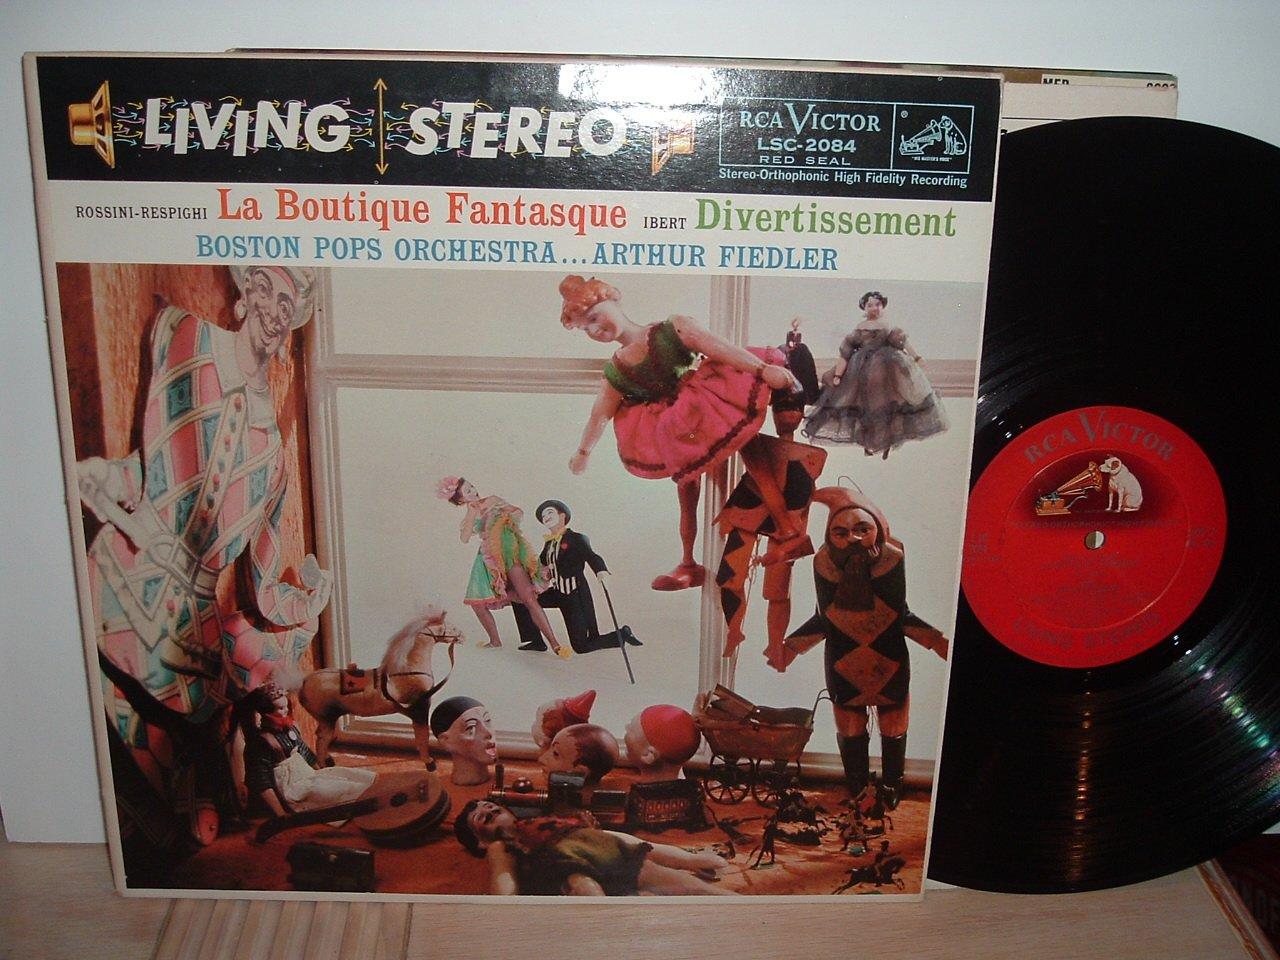 LSC 2084 - Arthur Fiedler & Boston Pops Orchestra - Rossini-Respighi: La Boutique Fantasque & Ibert: Divertissement